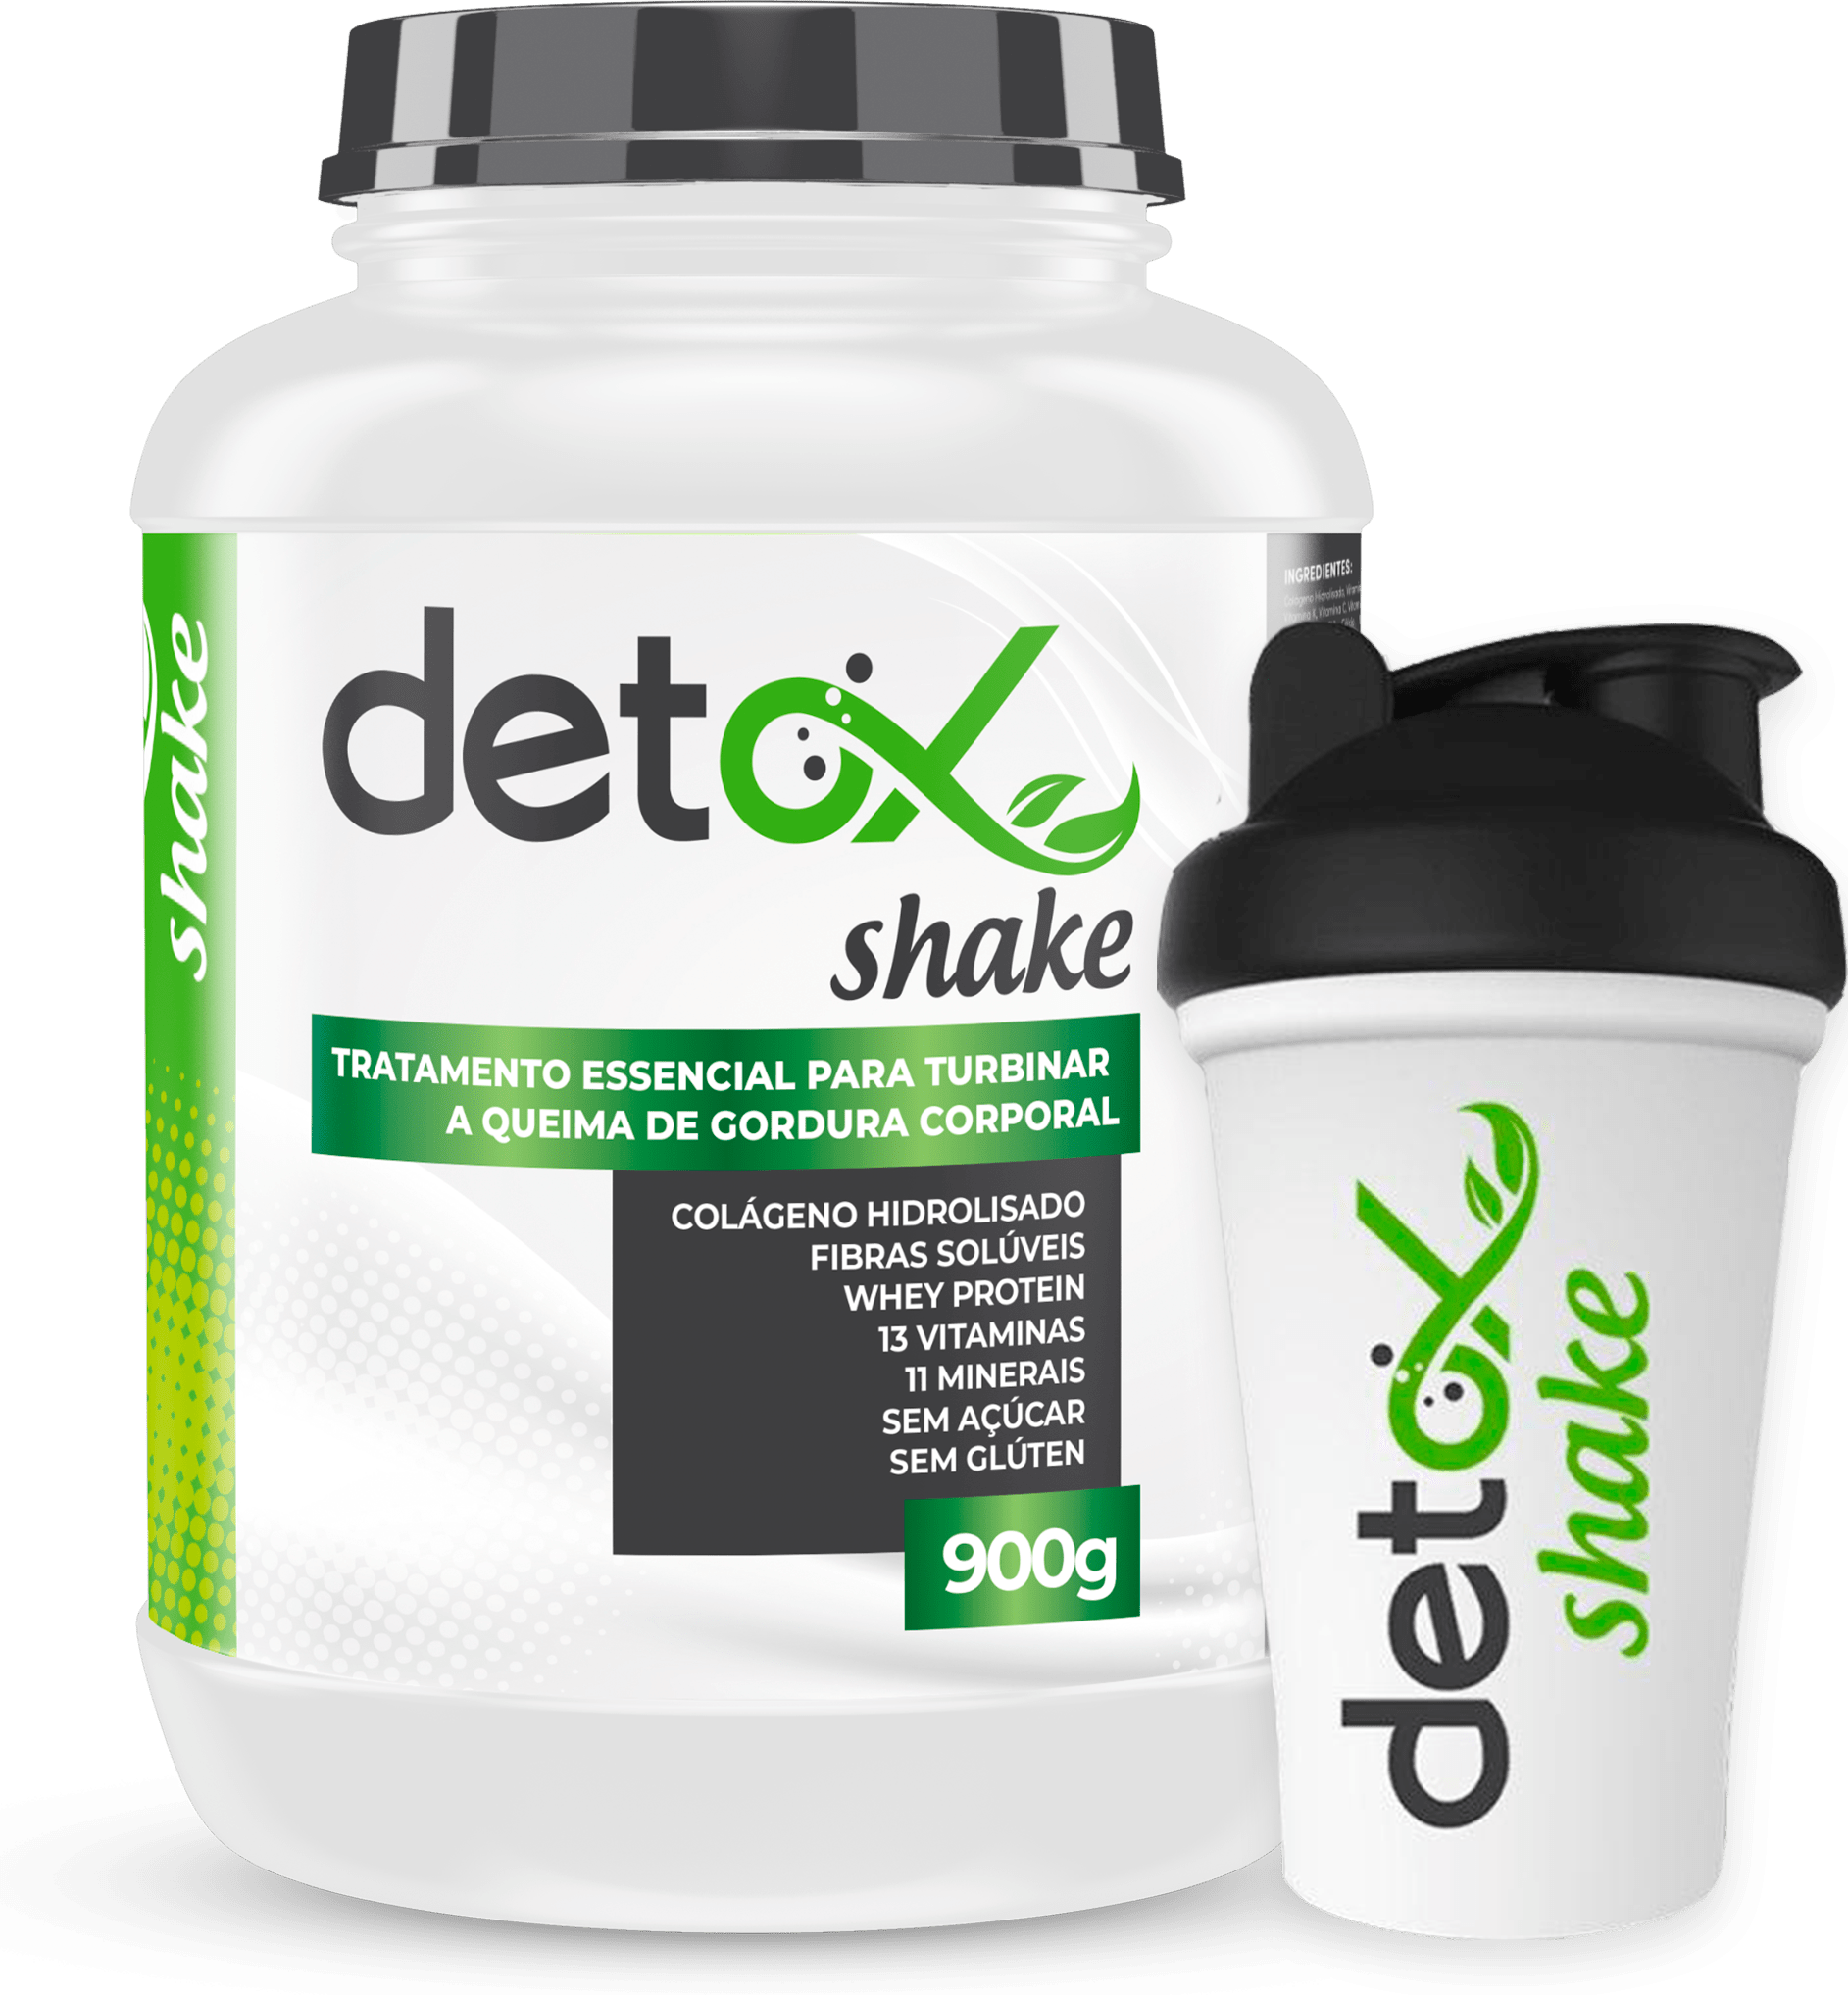 detox shake é bom